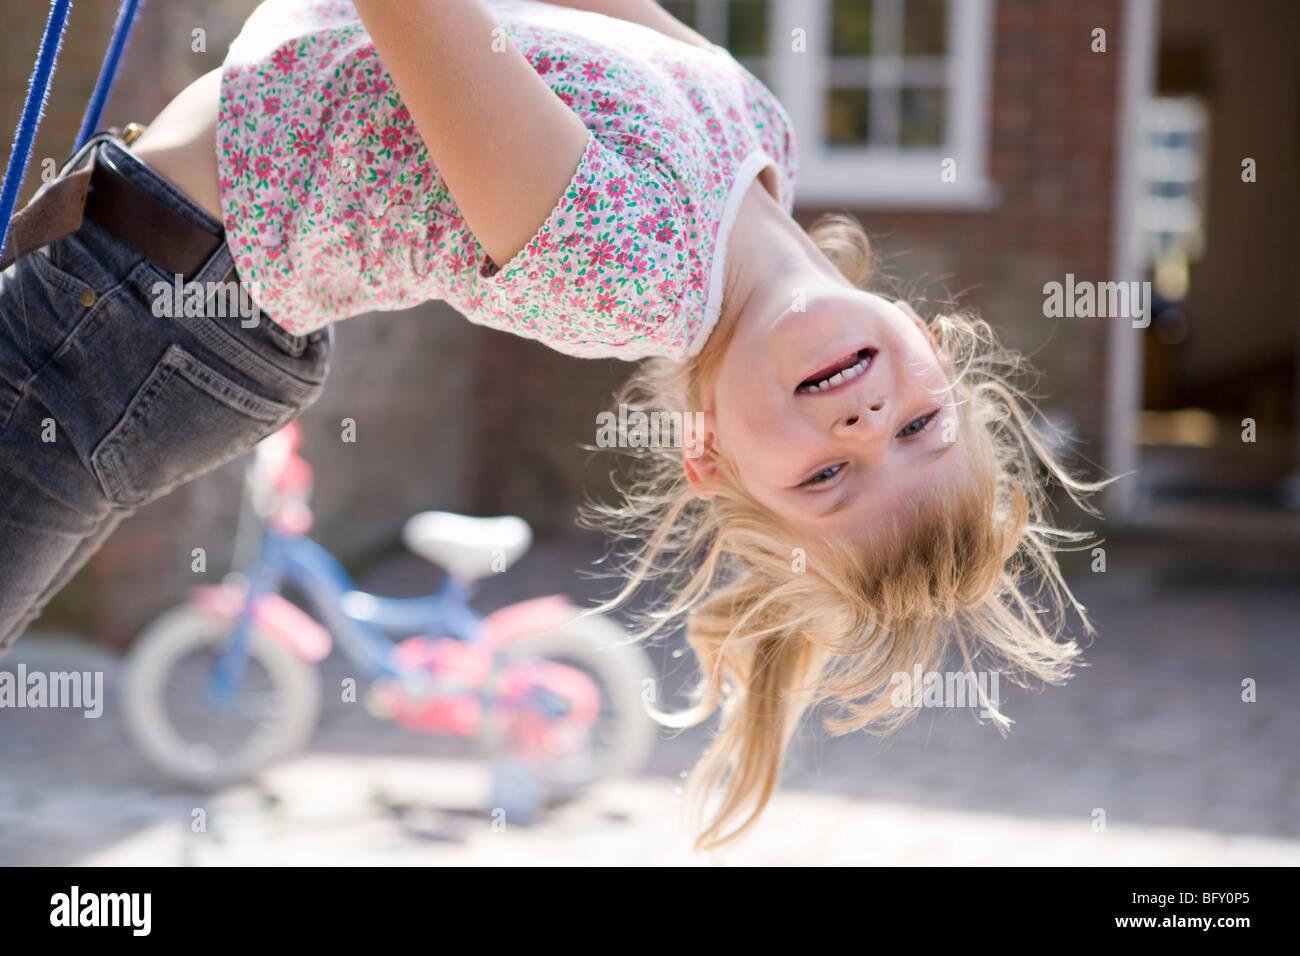 Junges Mädchen auf dem Kopf stehend auf Schaukel Stockbild